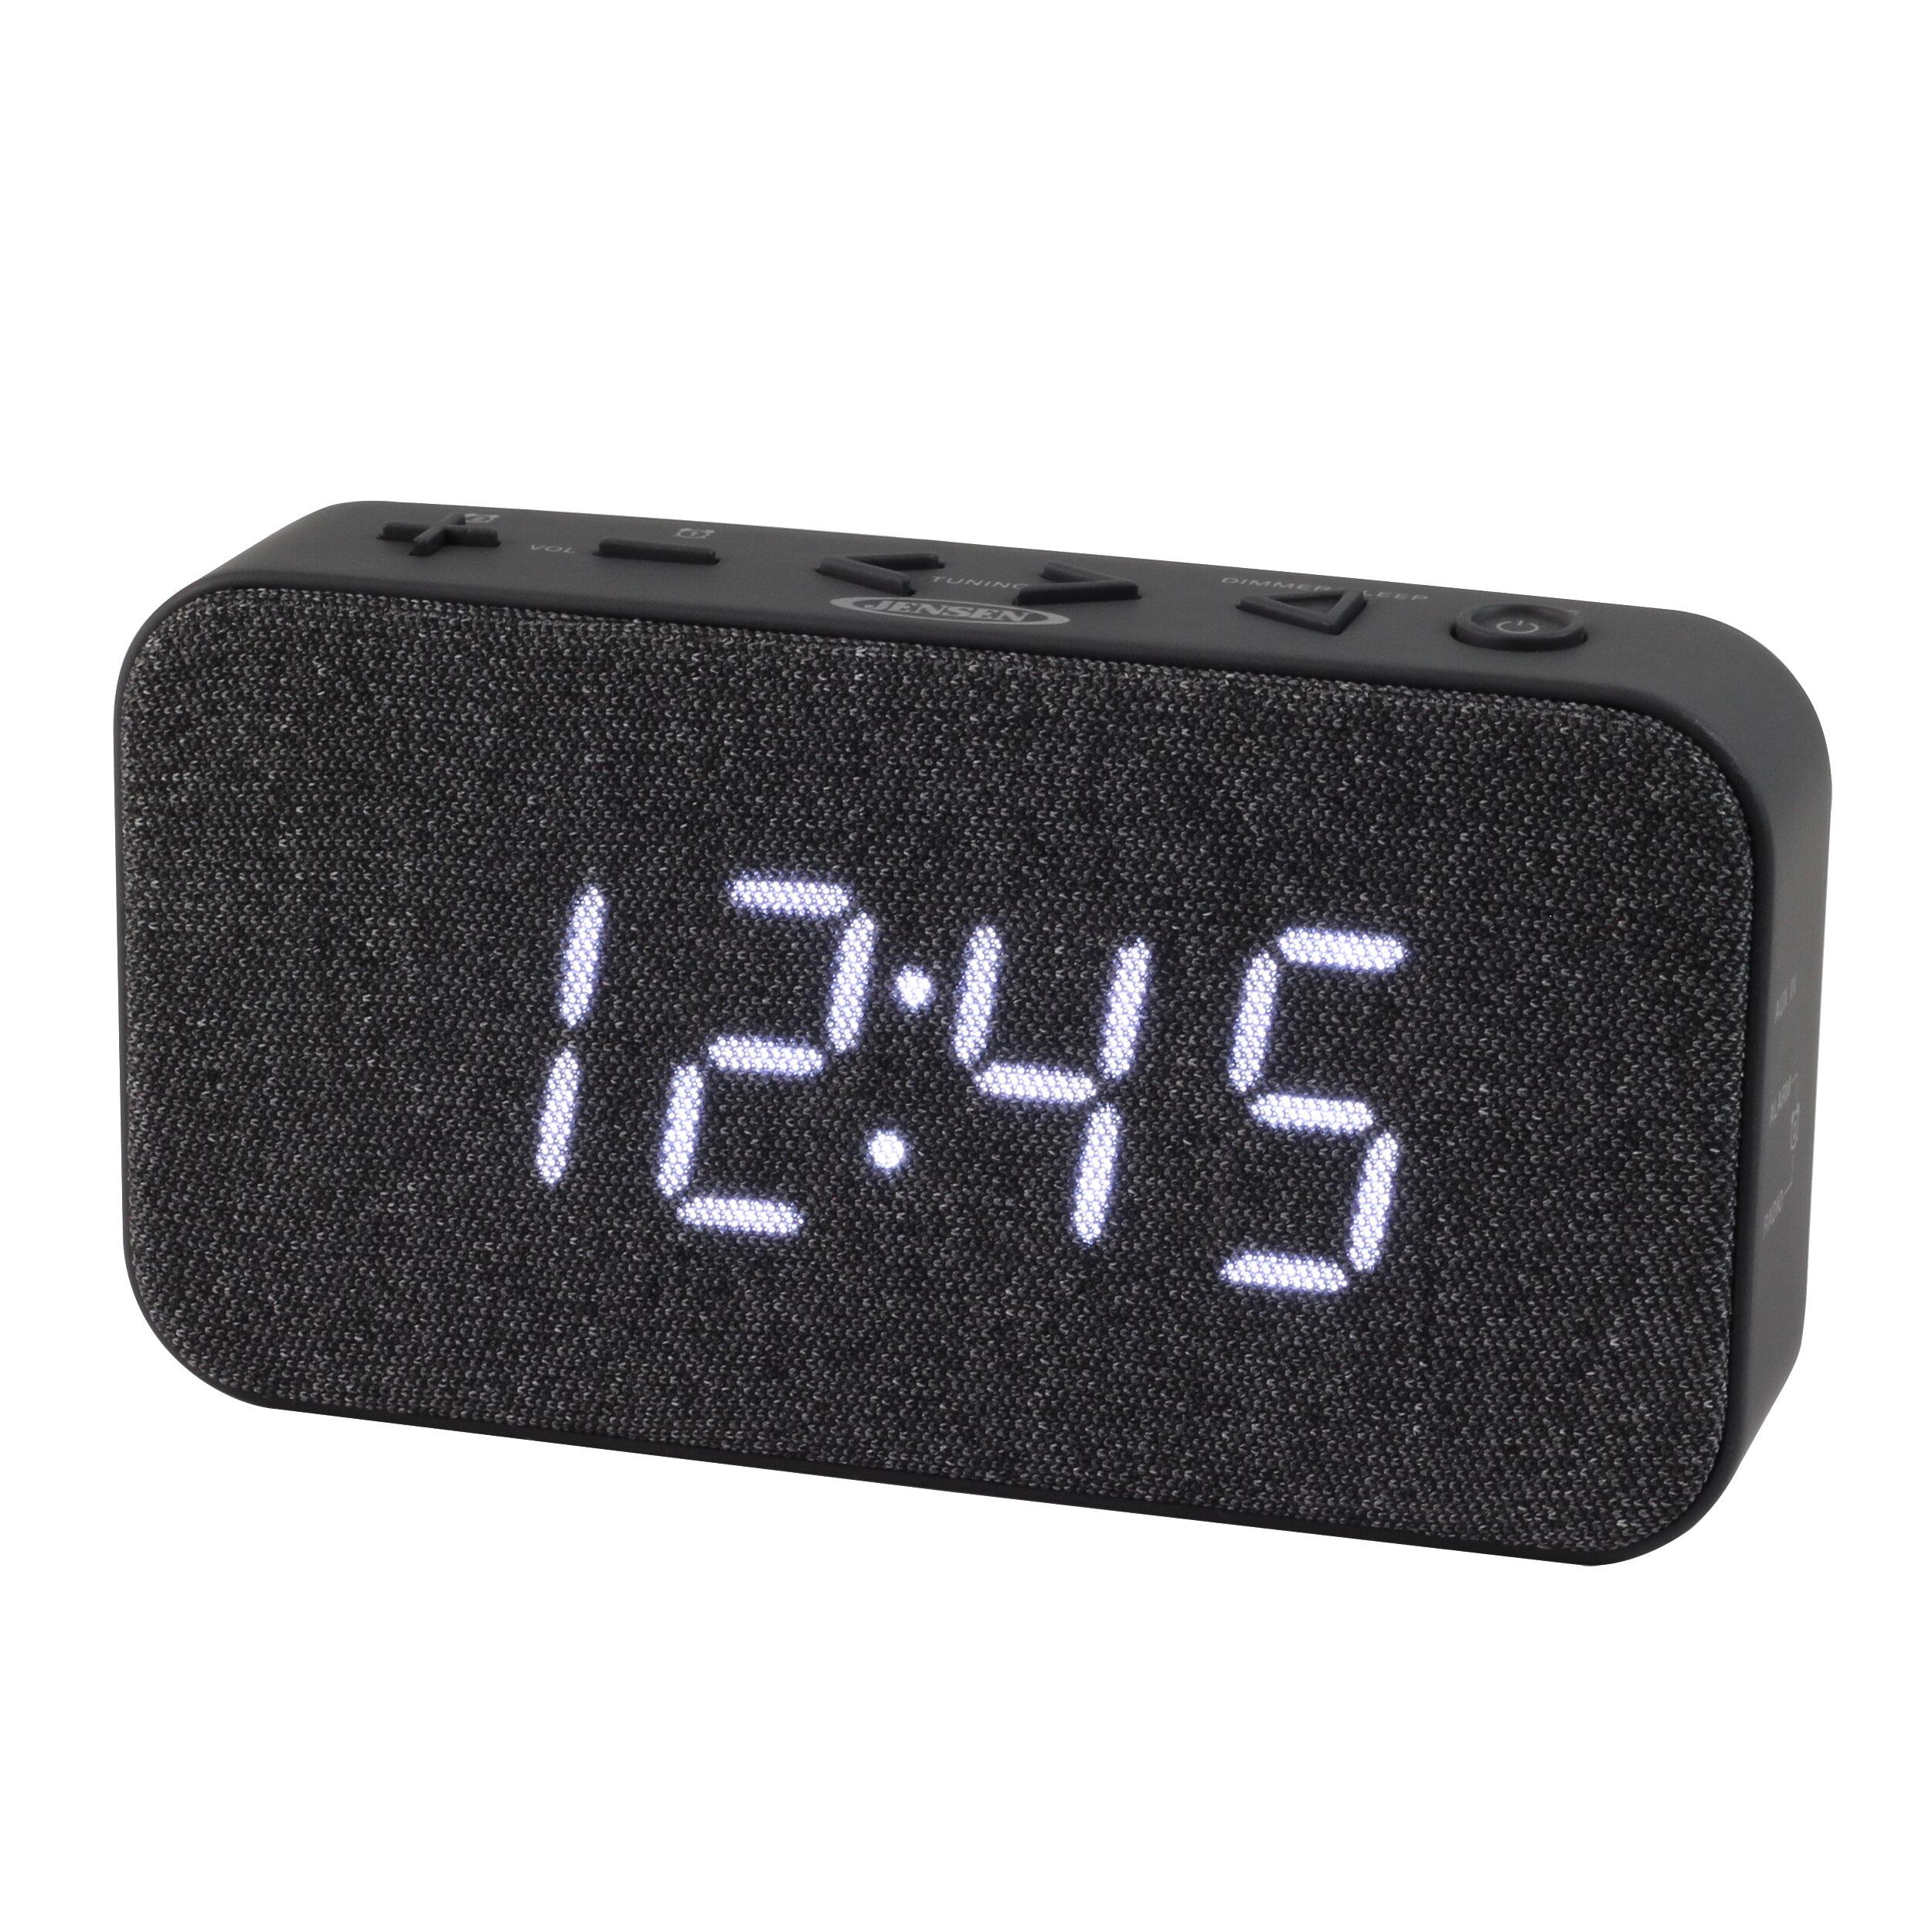 Best clock radio for bedroom